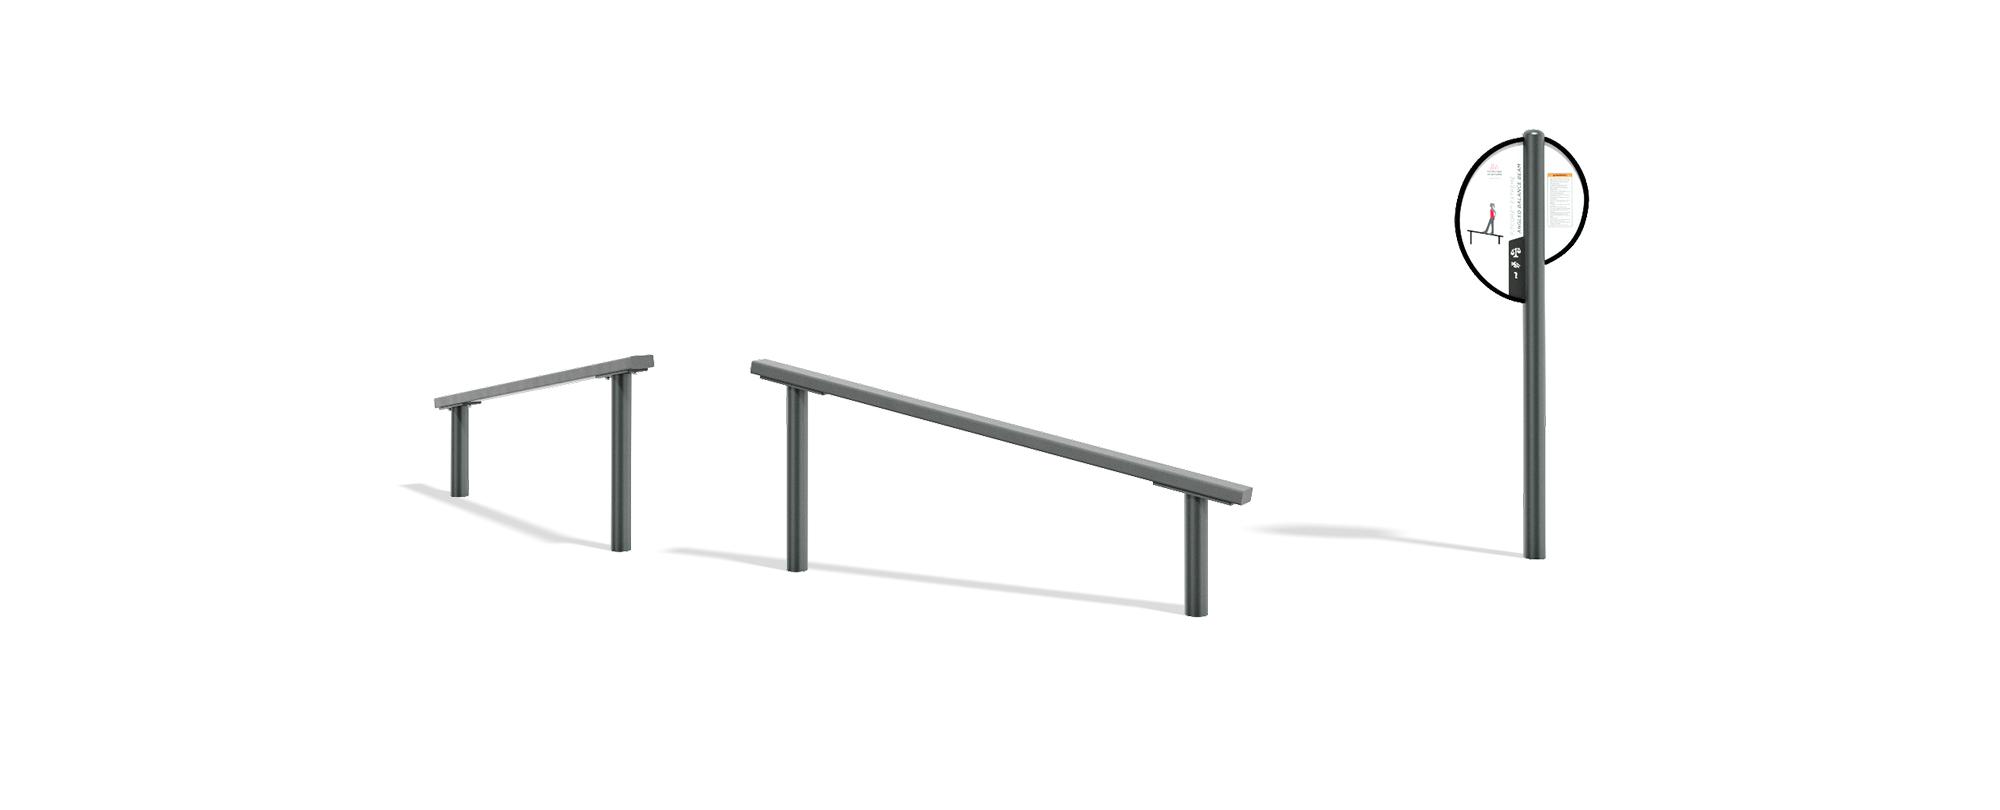 Extreme Angled Balance Beam